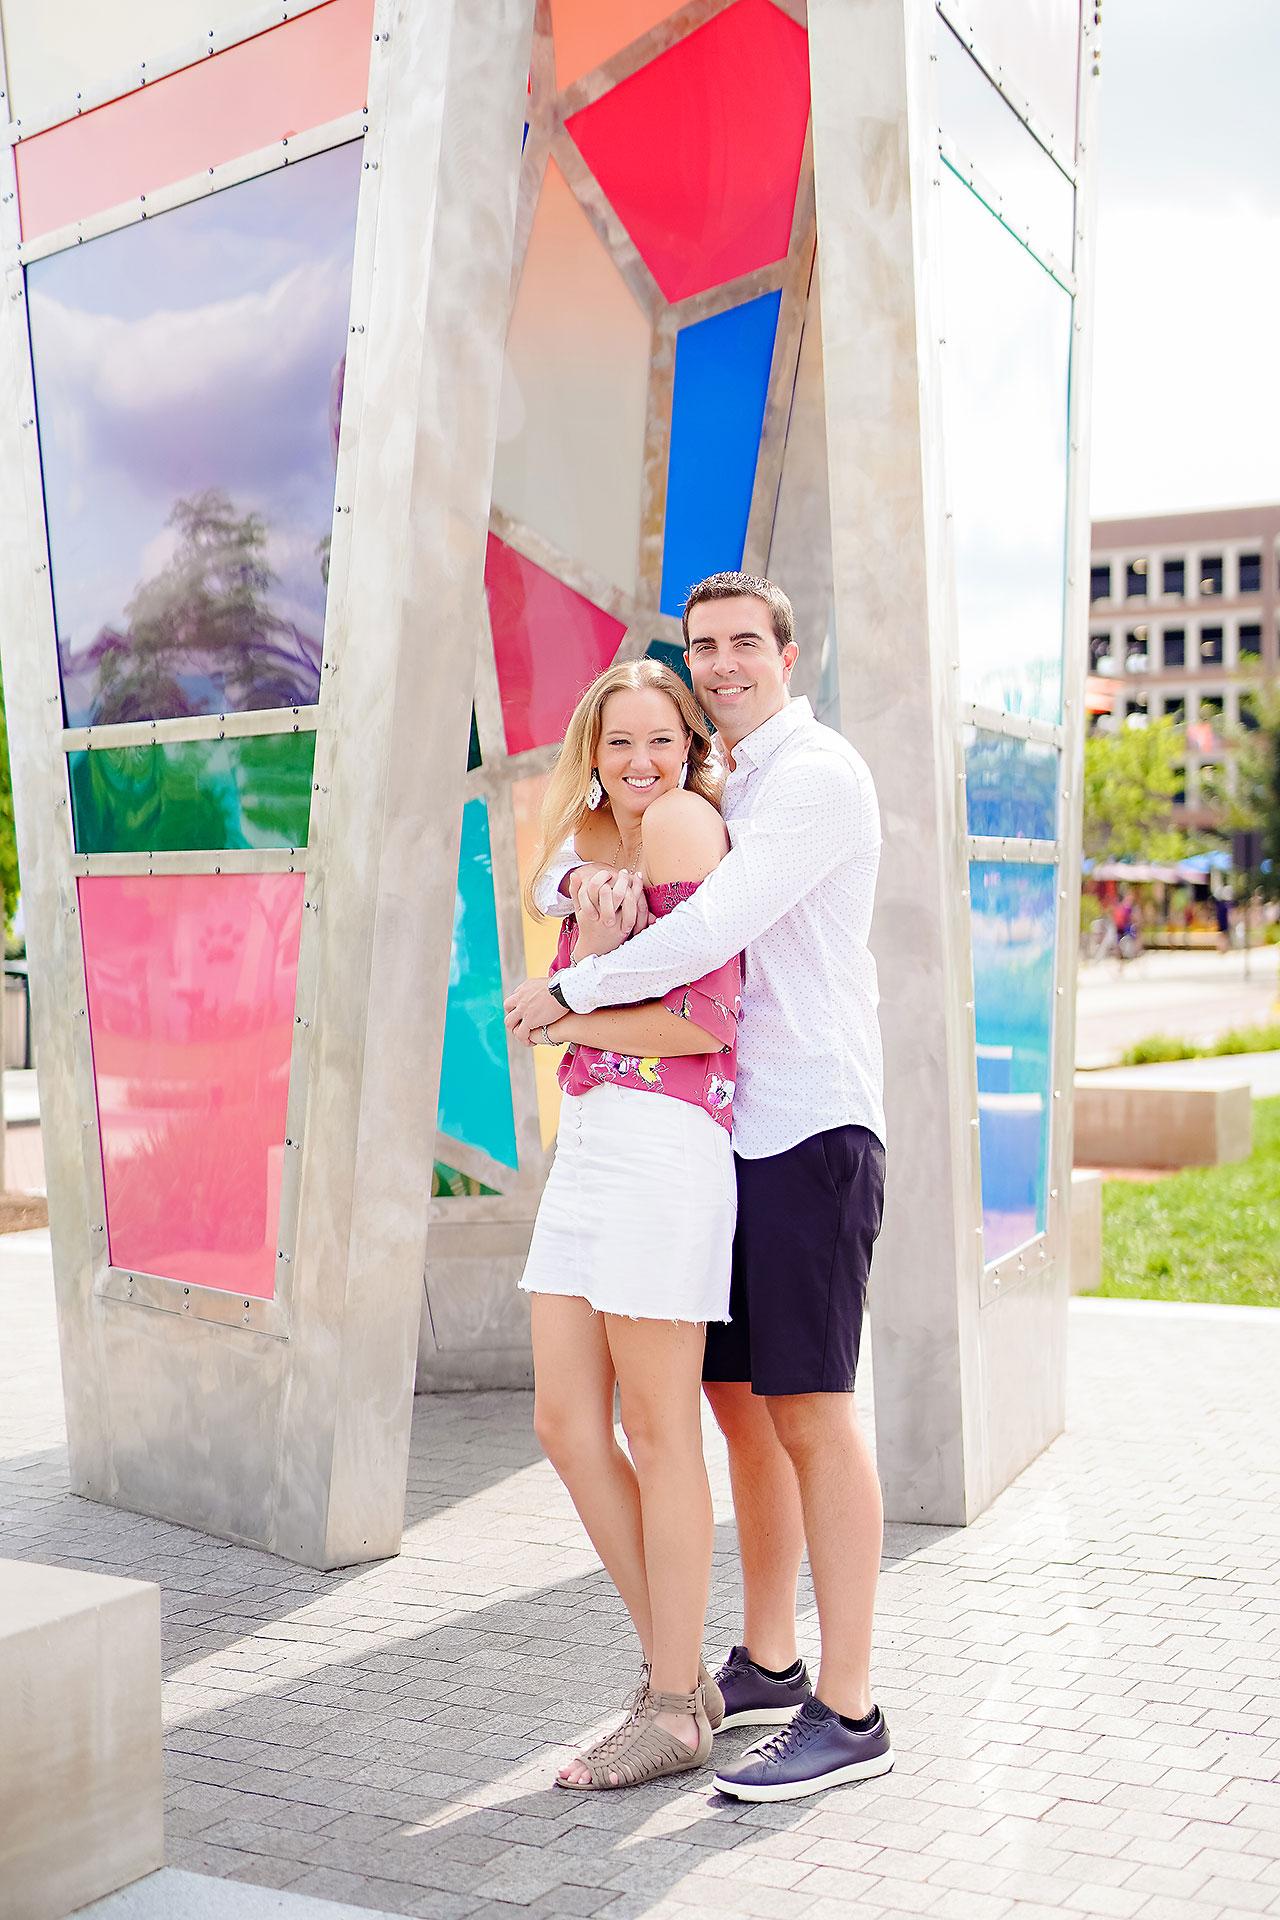 Liz Zach Midtown Carmel Engagement Session 046